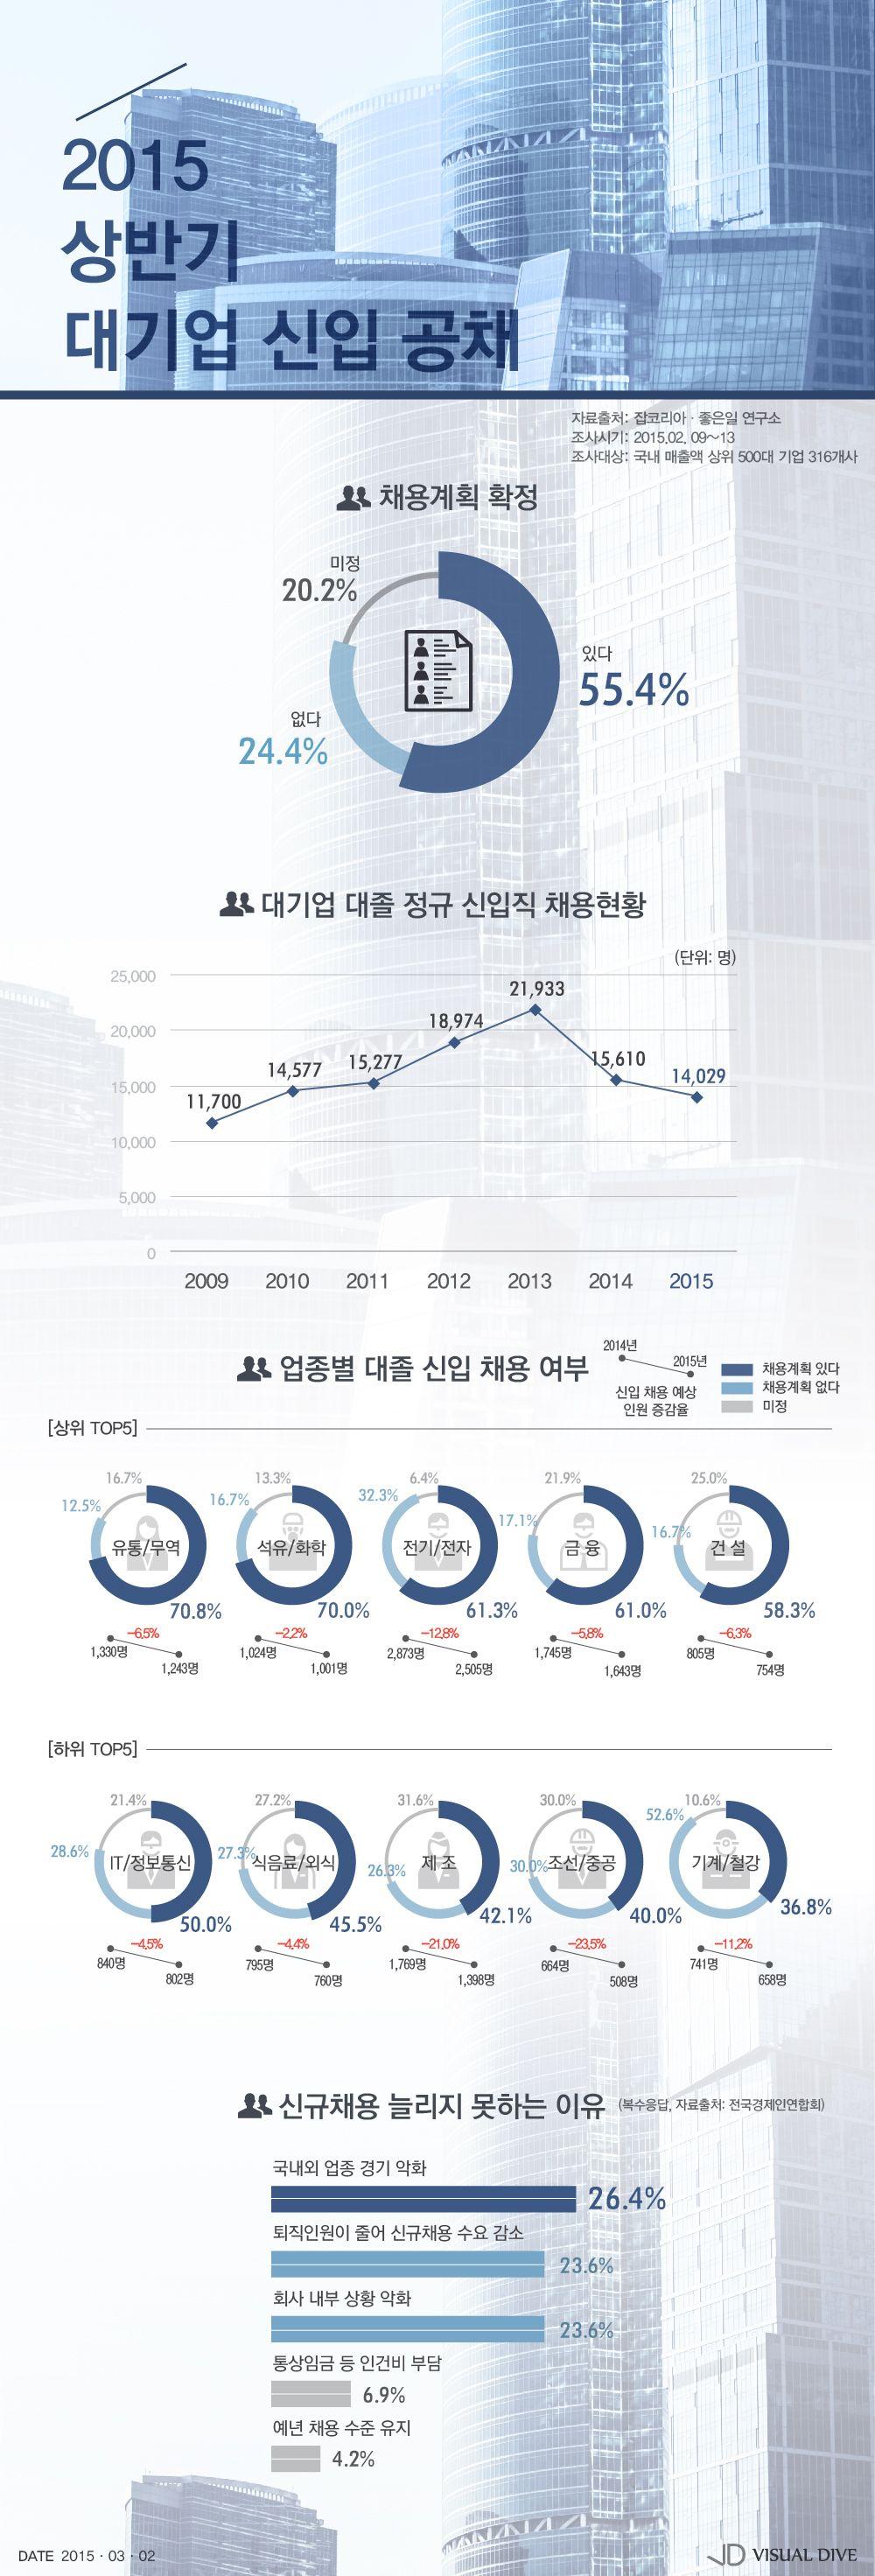 막오른 상반기 대졸 공채…채용 계획 기업 '55.4%' [인포그래픽] #recruitment / #Infographic ⓒ 비주얼다이브 무단 복사·전재·재배포 금지